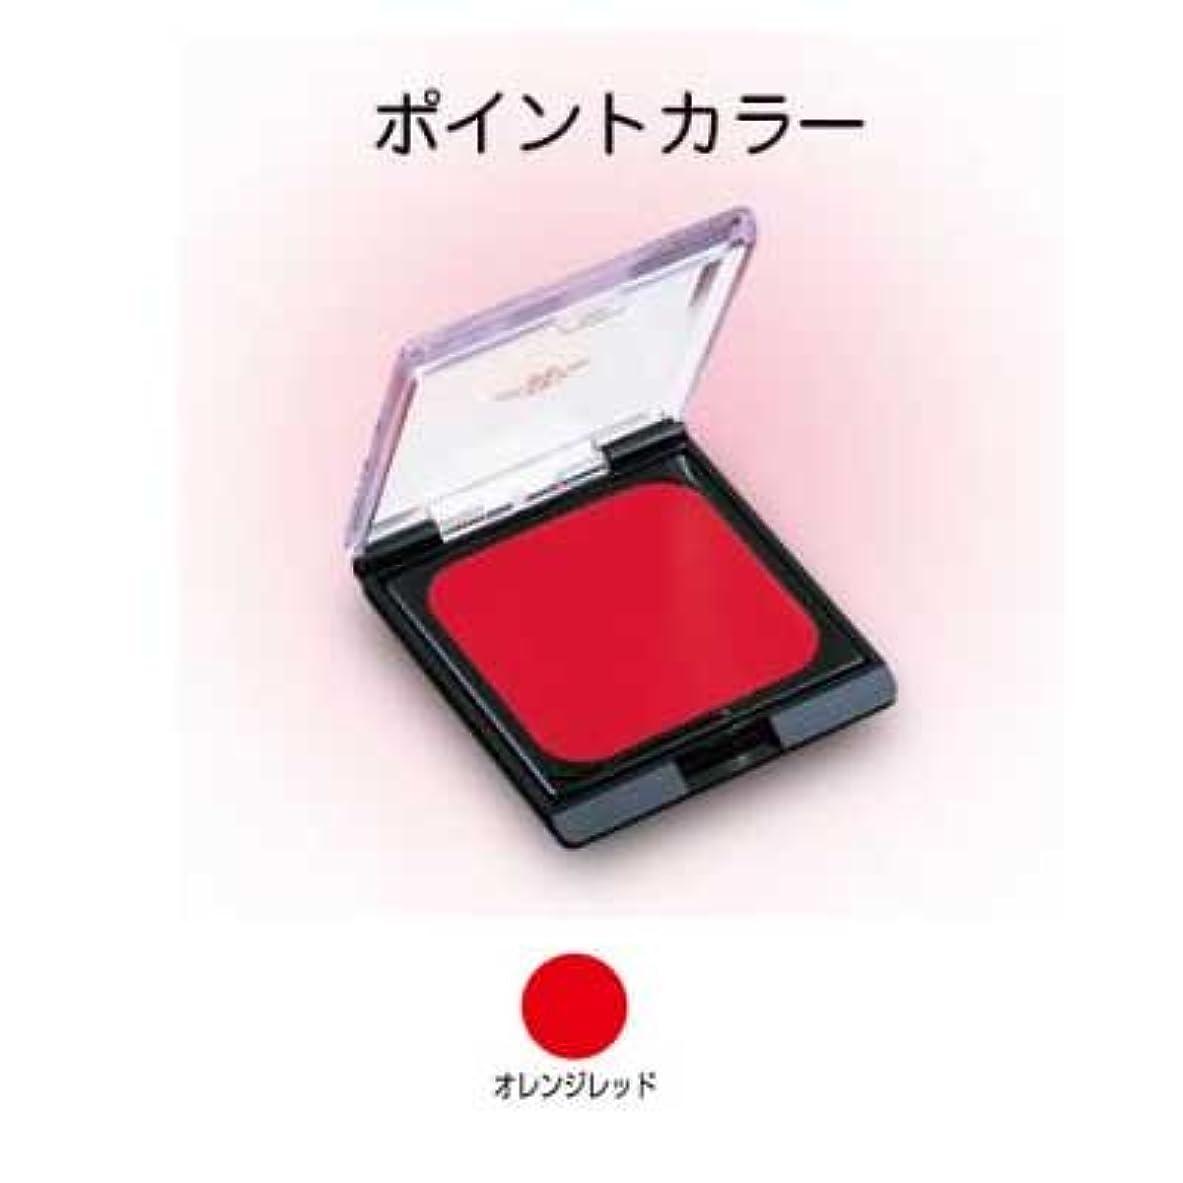 ナットハロウィンコレクション三善 クラウンカラー 7g オレンジレッド